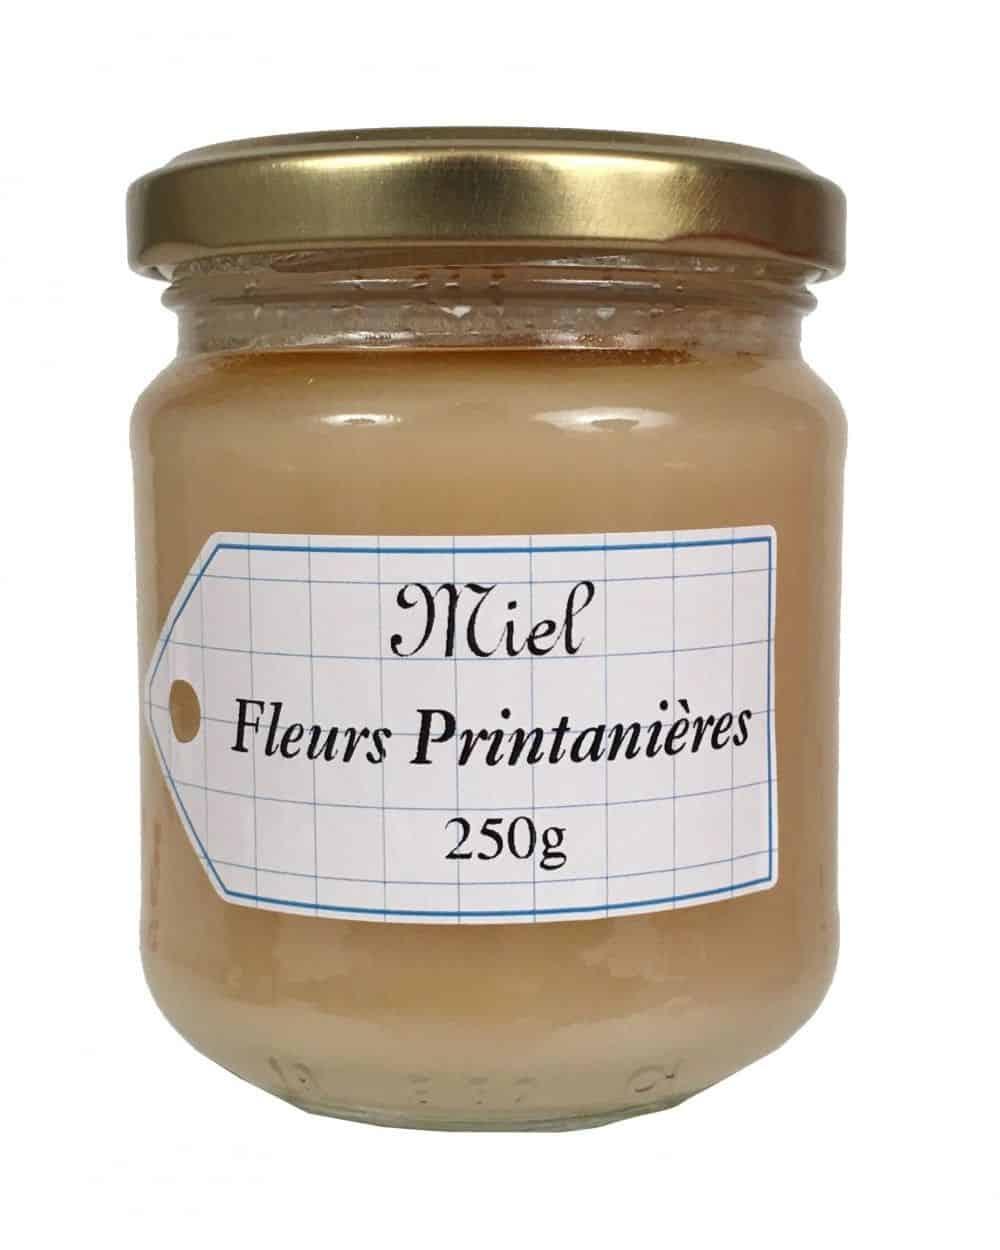 Miel de Fleurs Printanières 150g